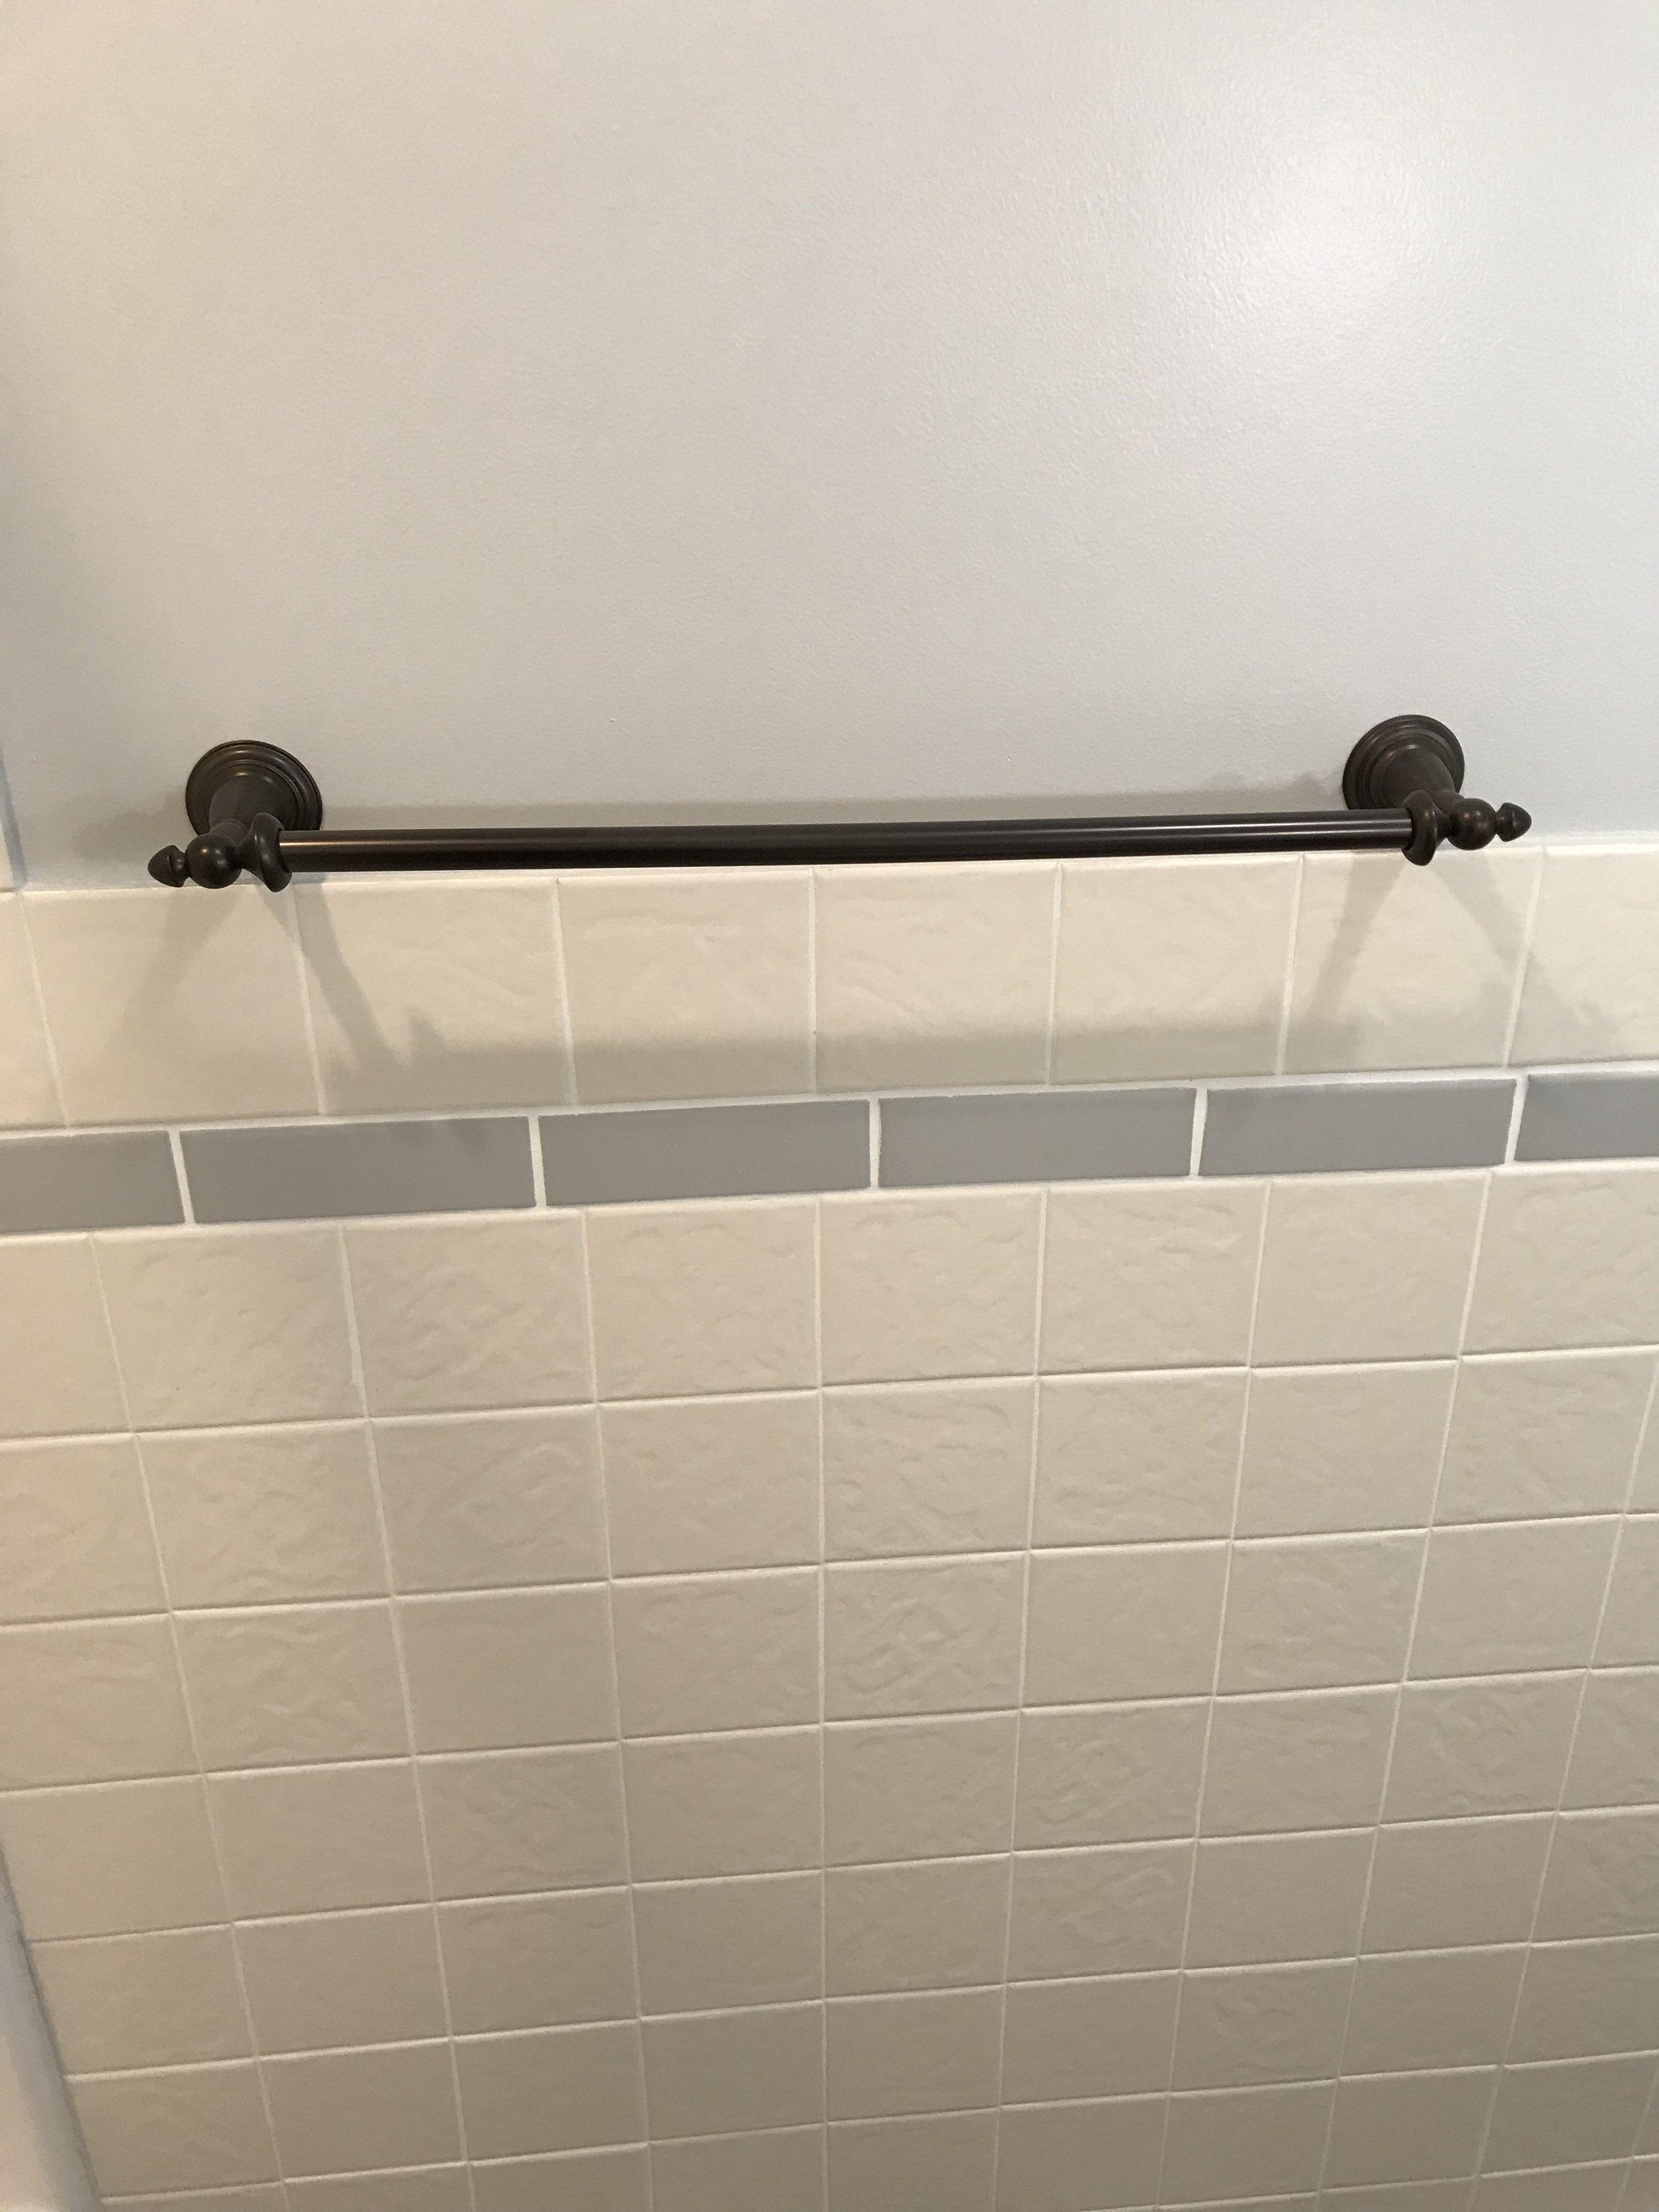 Upgraded bath fixtures